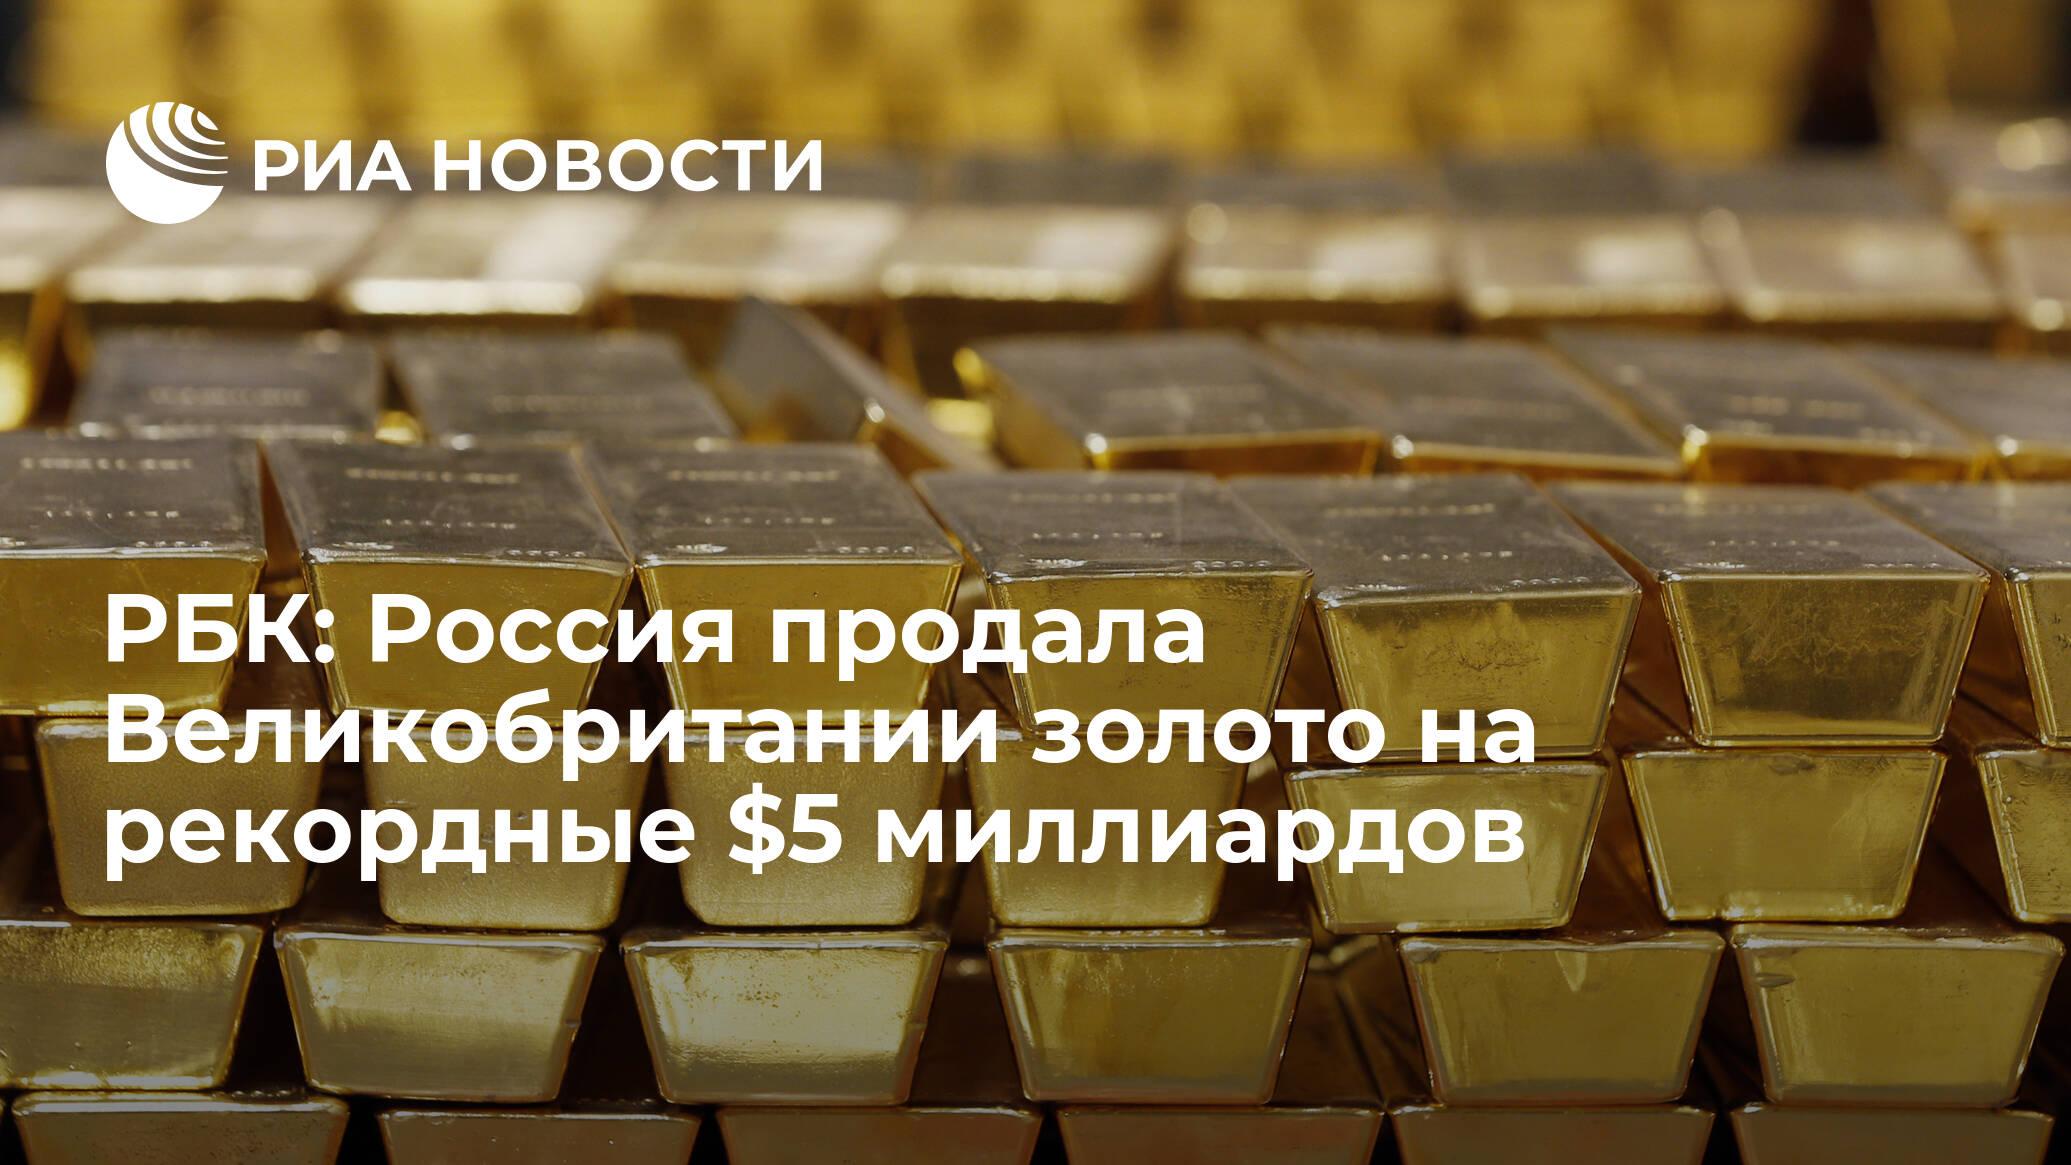 РБК: Россия продала Великобритании золото на рекордные $5 миллиардов